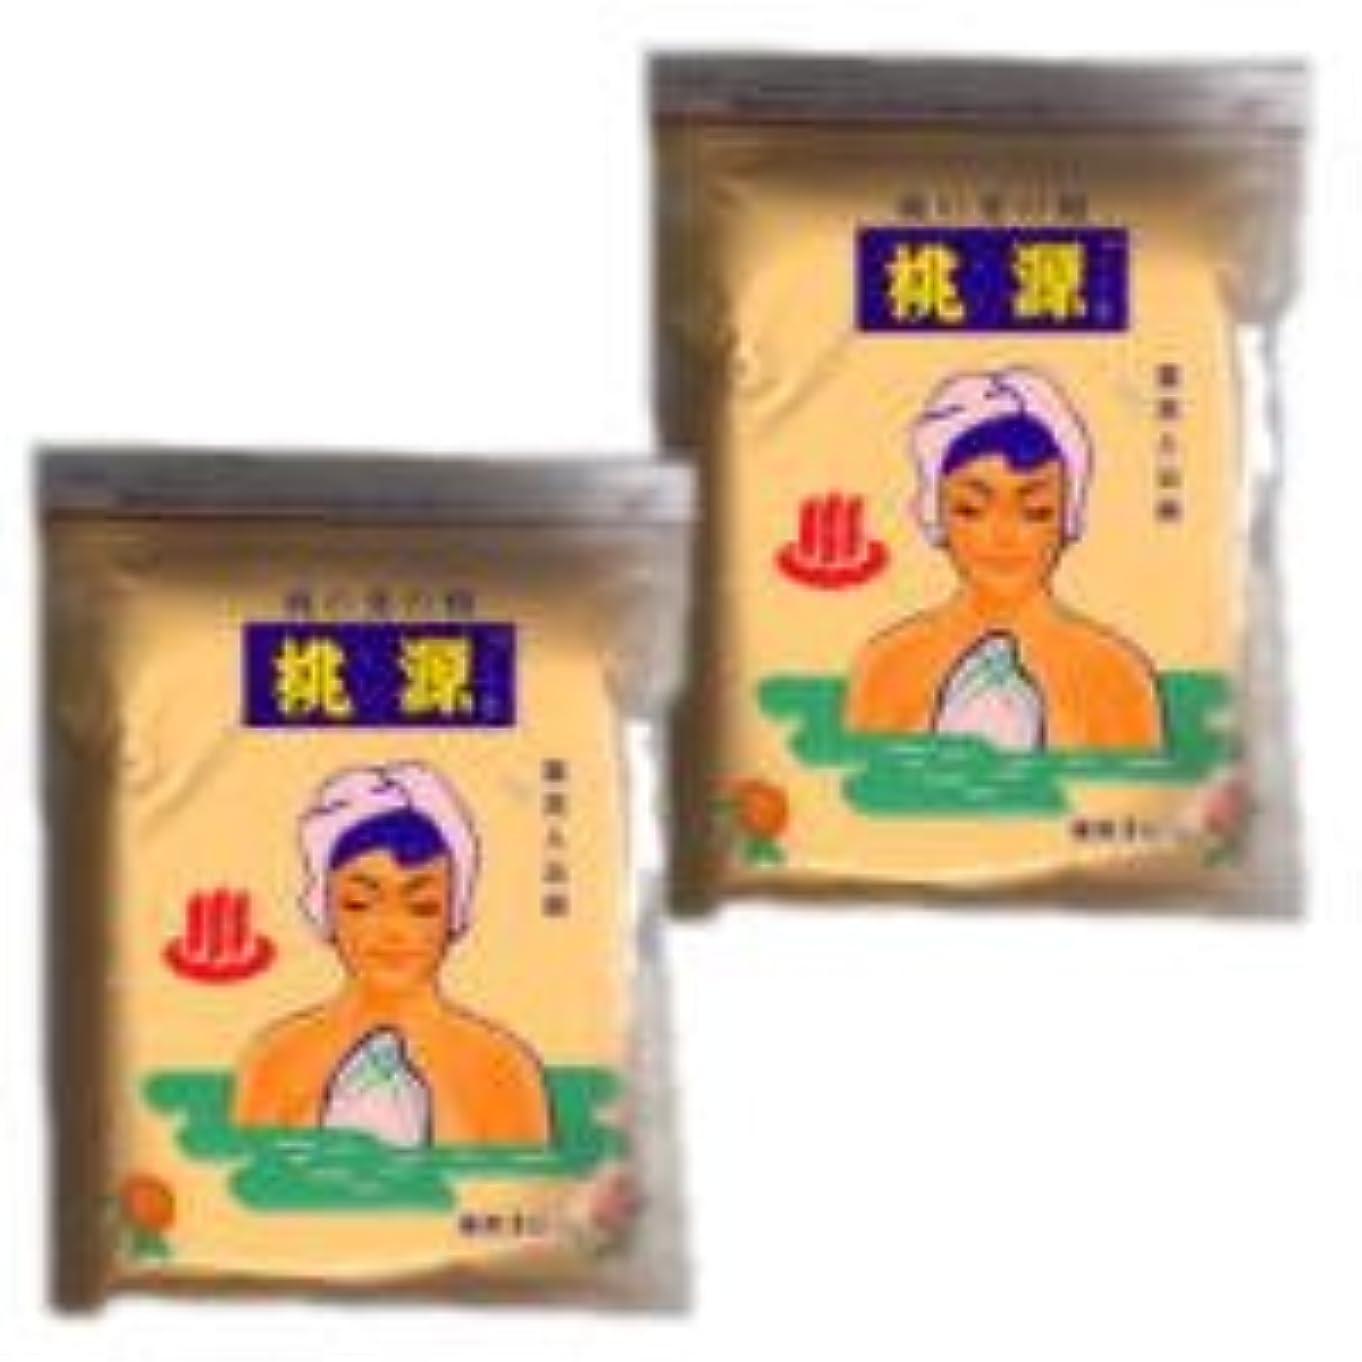 クラウン夢マチュピチュ桃源(とうげん)s 桃の葉の精 1000g 袋入り 2個